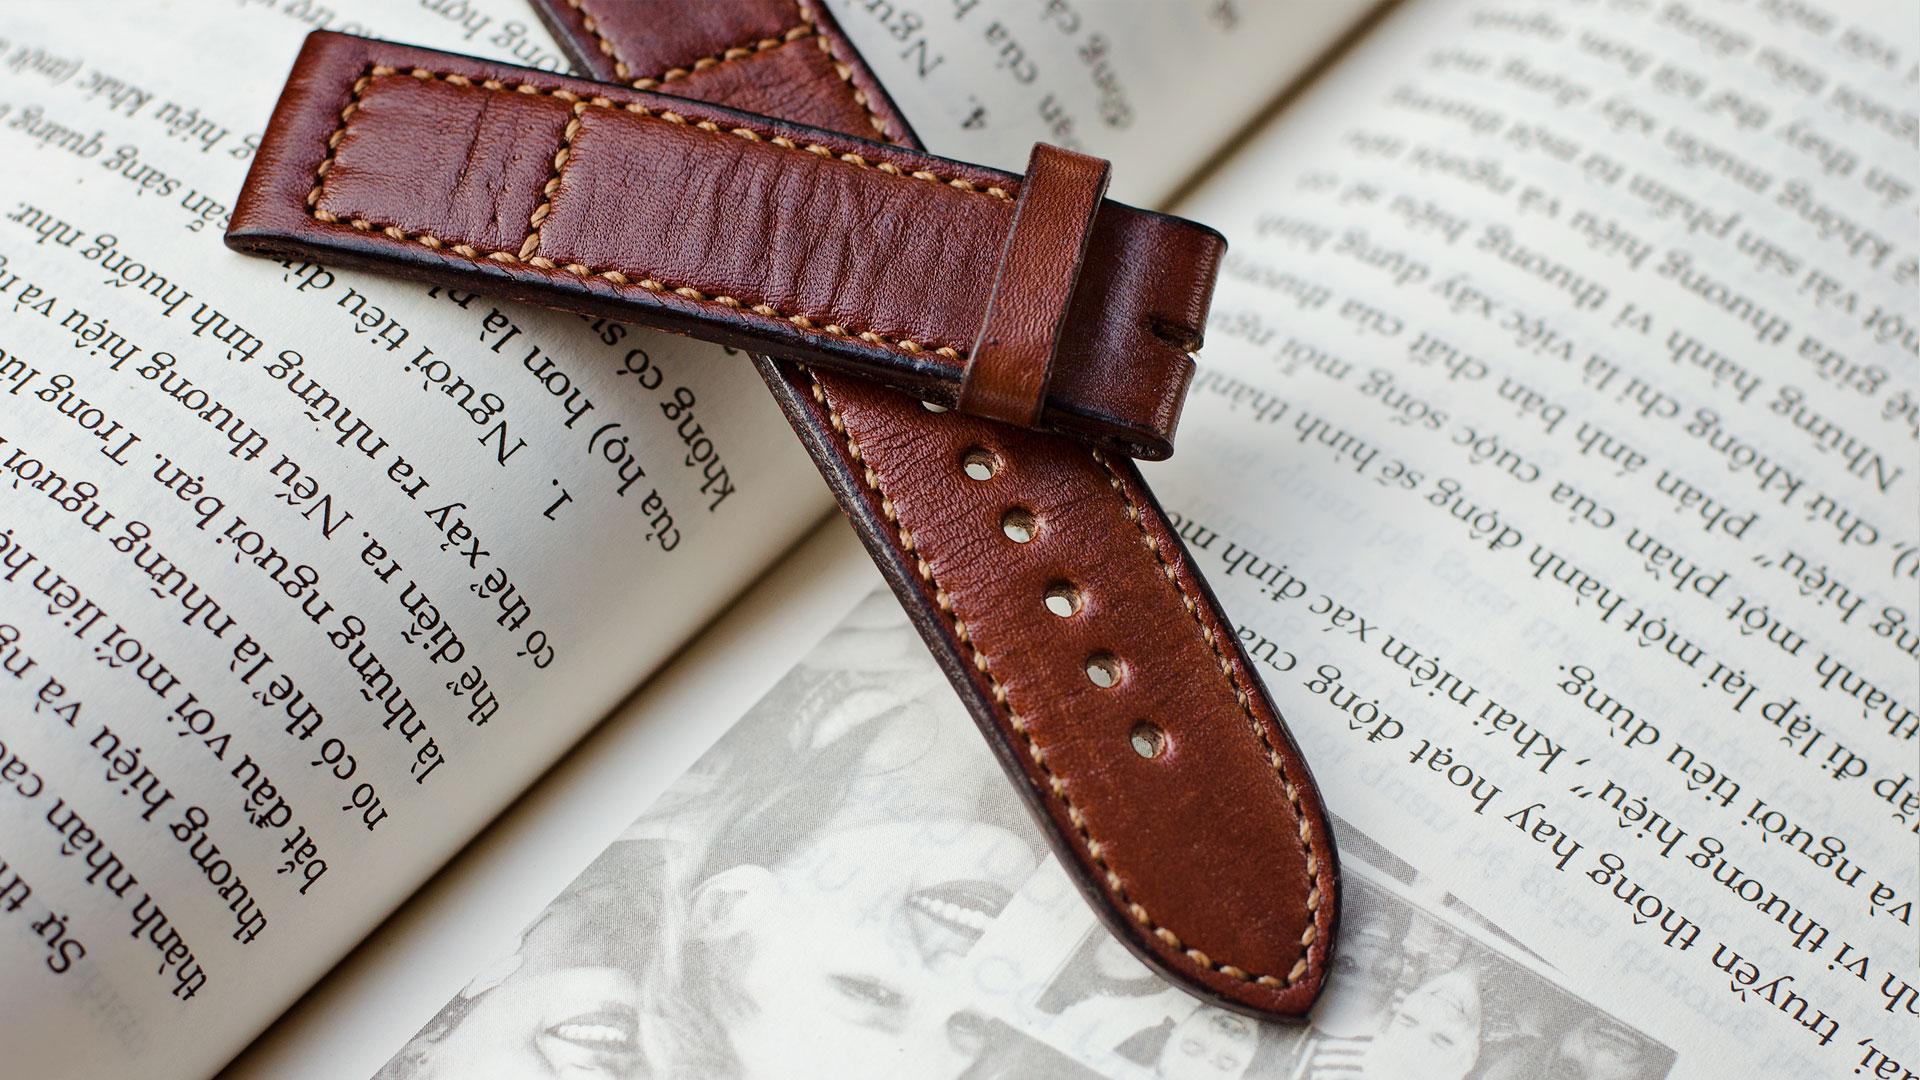 Dây đồng hồ nam da bò handmade mỏng mầu nâu  - Dây đồng hồ handmade nam da bò nhập khẩu - Dây đồng hồ Mino Crafts size 18-16mm DA0702V bán chạy